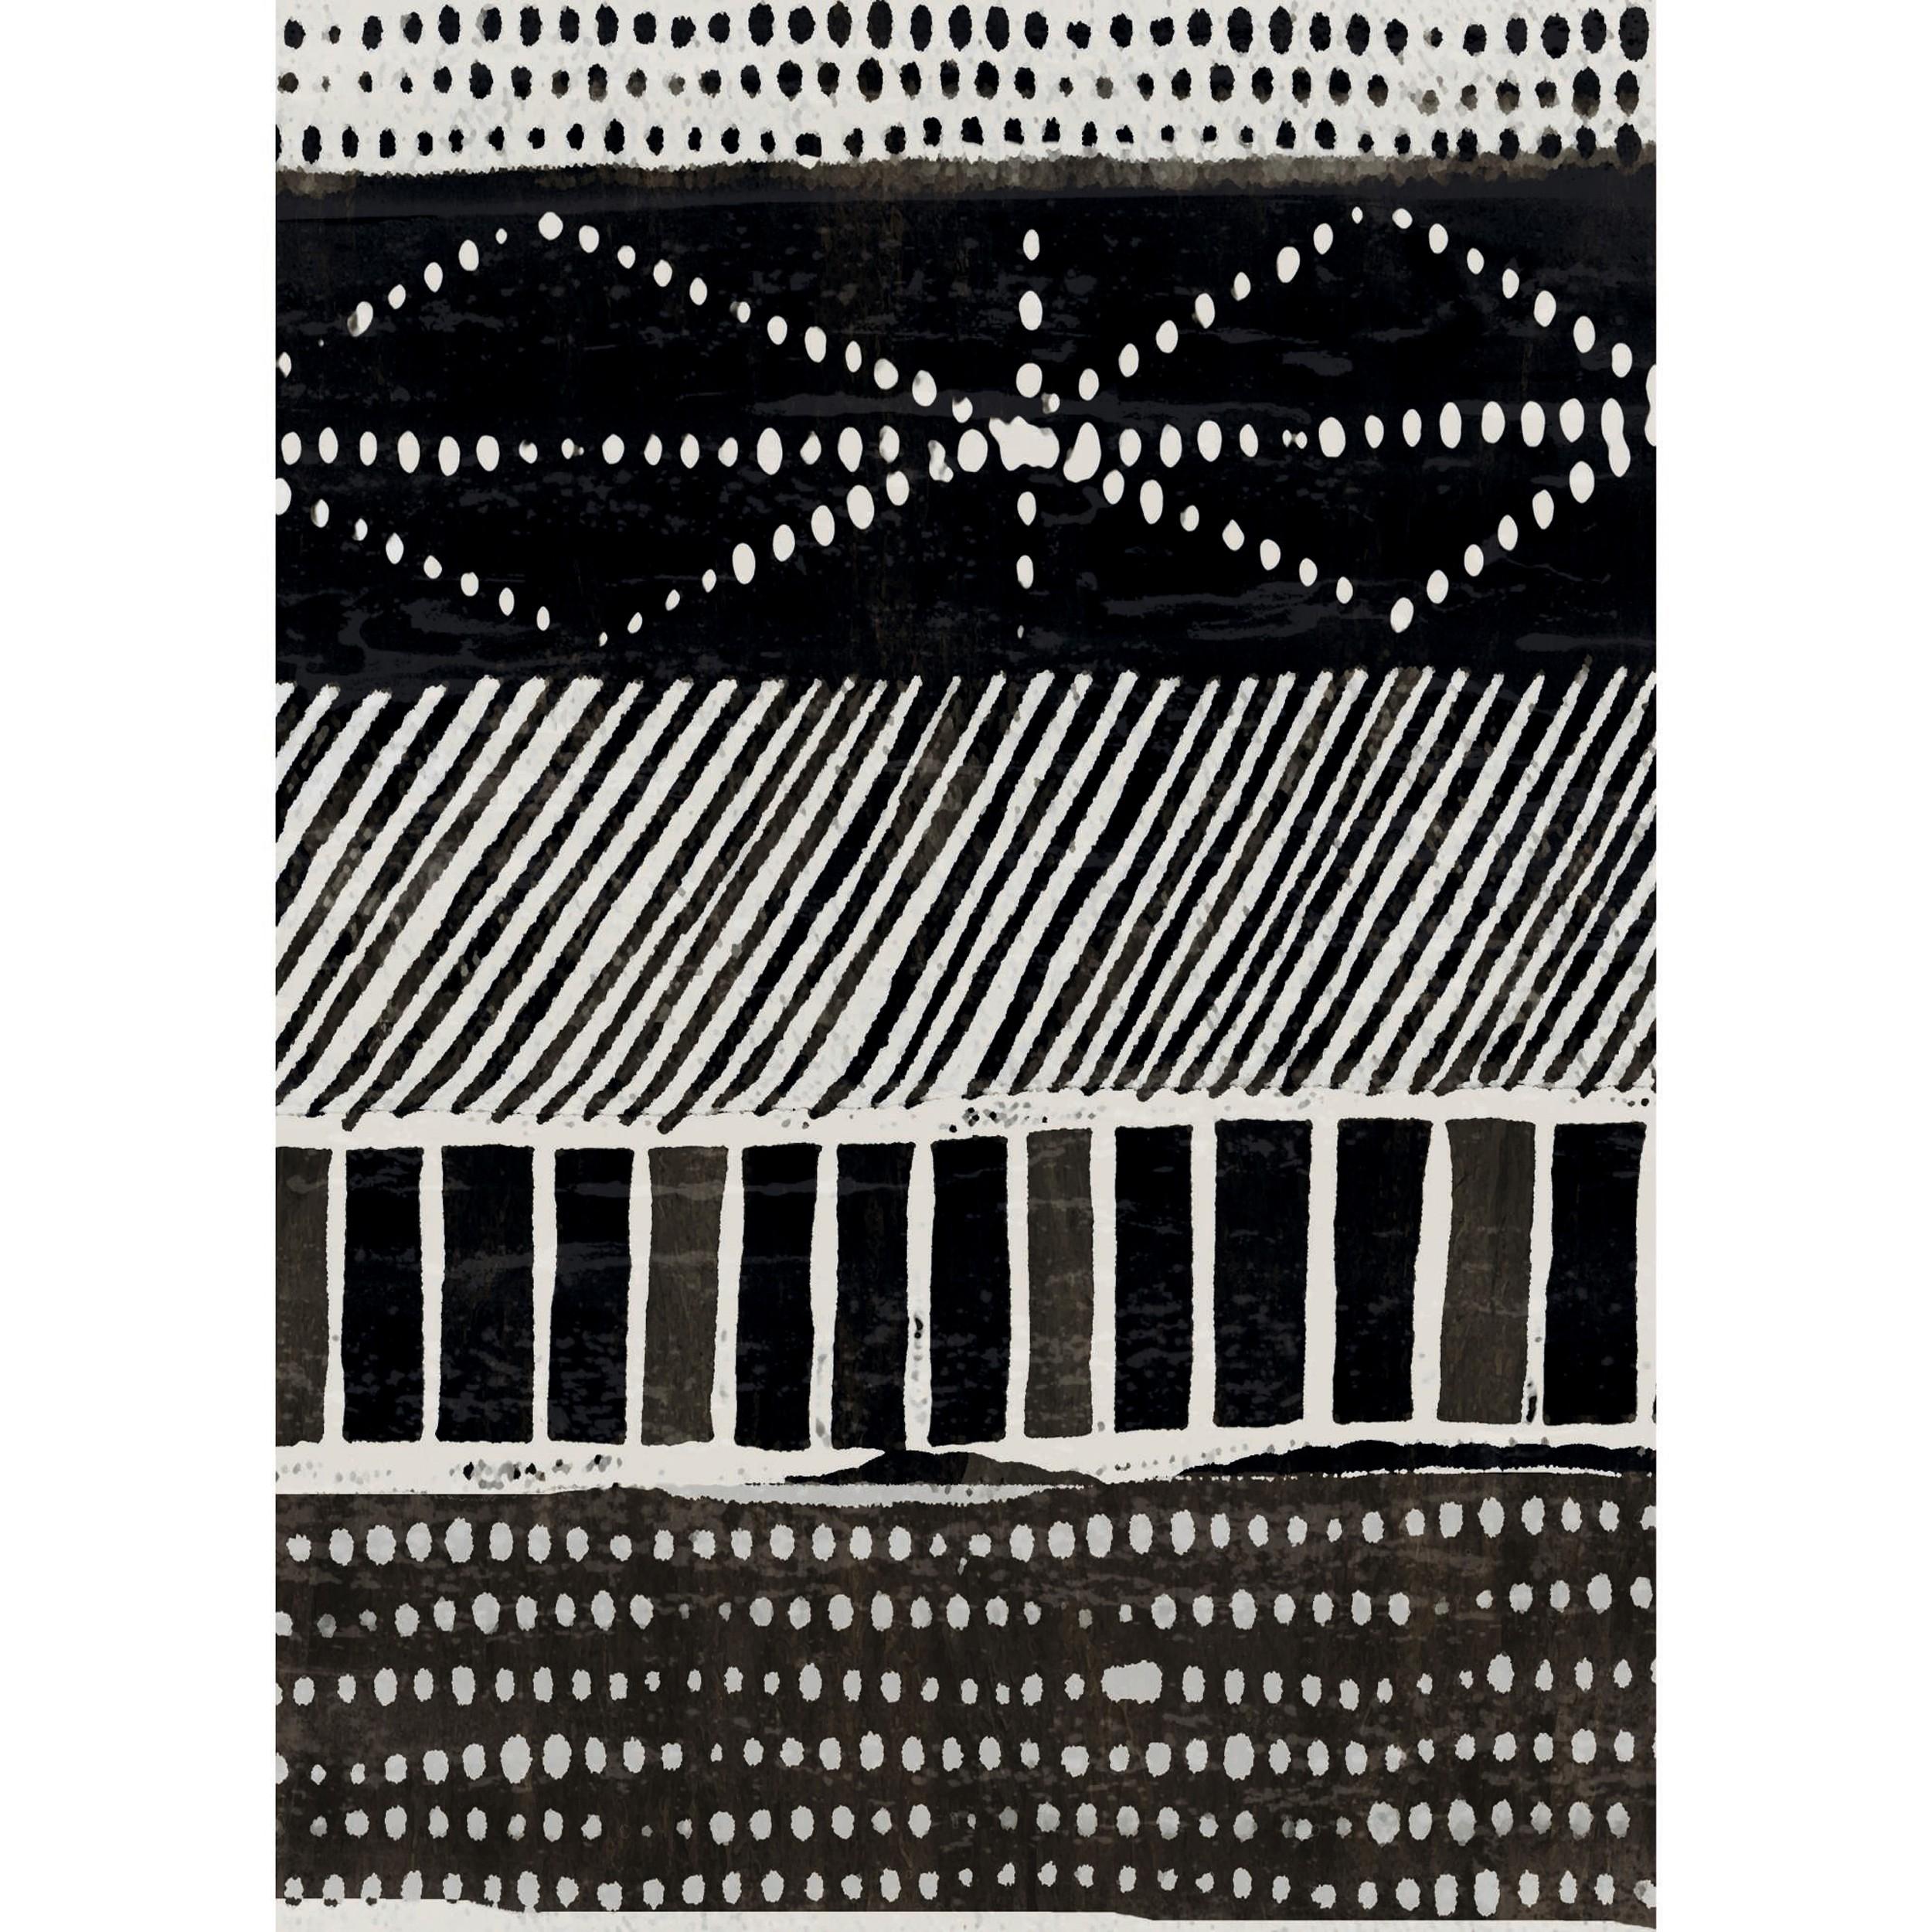 acheter poster noir blanc 50 cm vicky